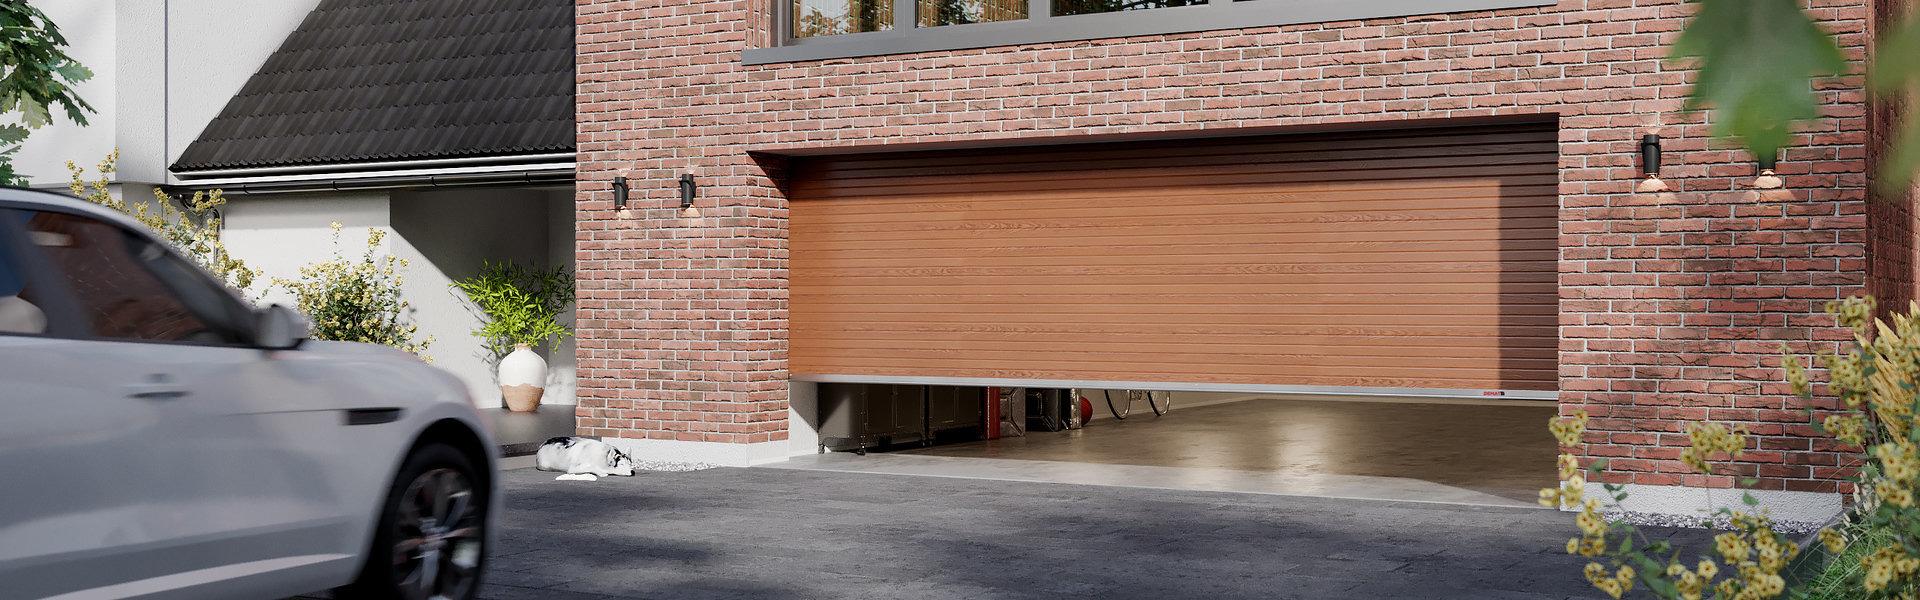 montaz-garazovej-brany-pemat